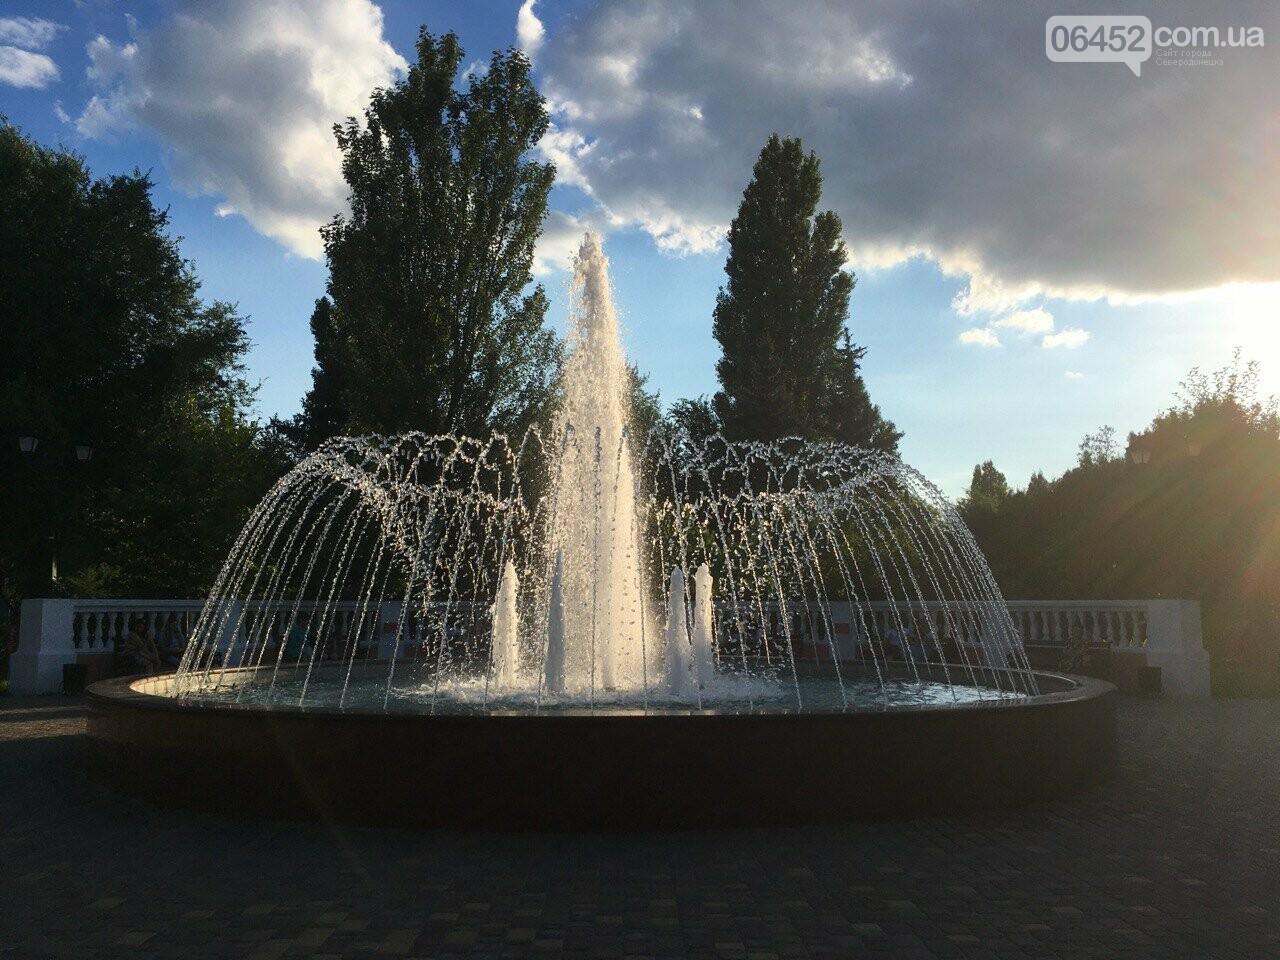 Северодонецк - город фонтанов, фото-4